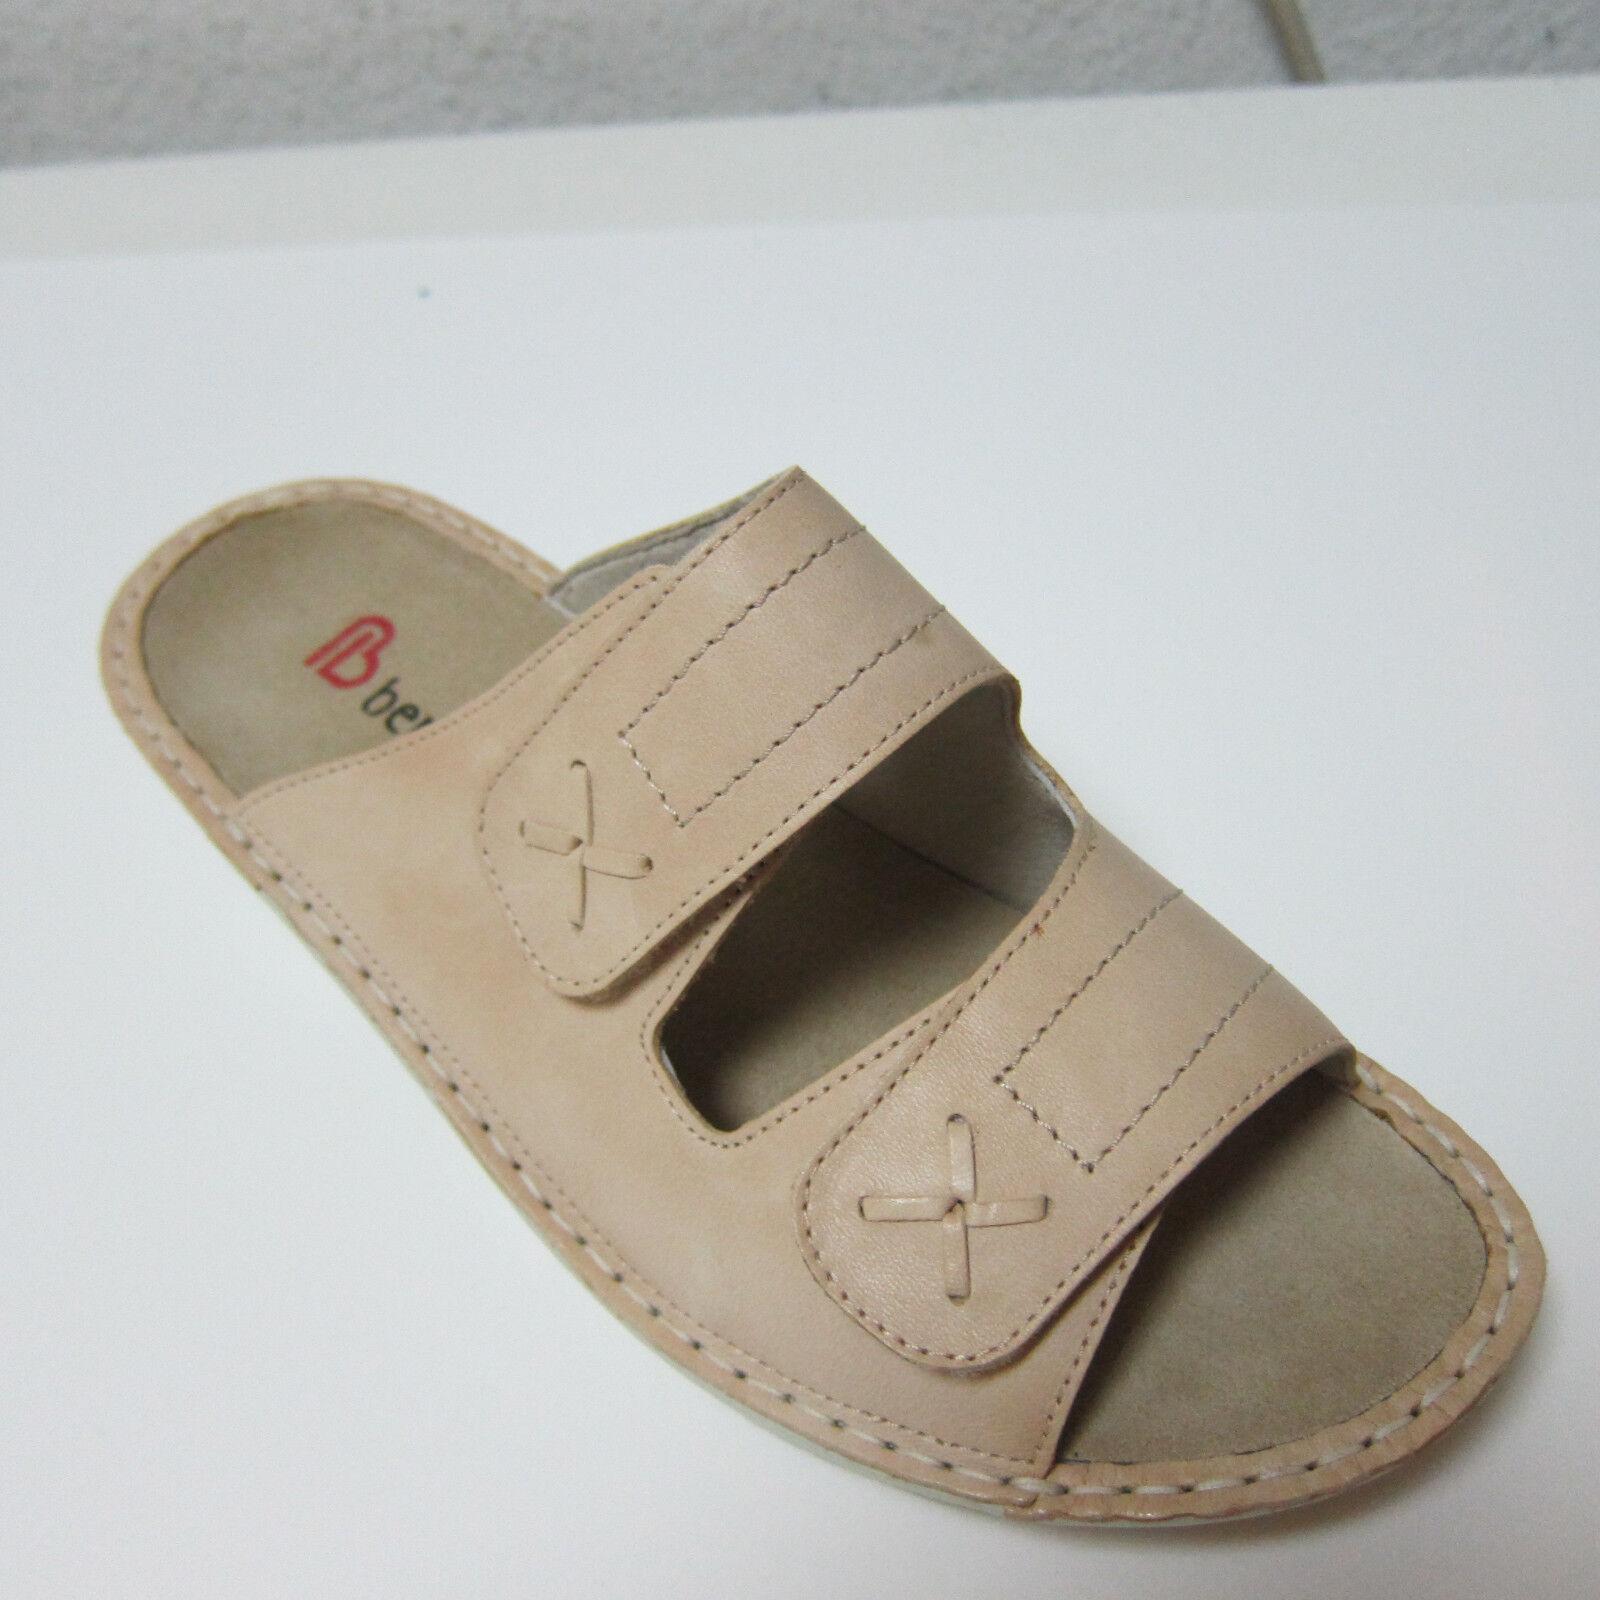 Zapatos de mujer baratos zapatos de mujer Descuento por tiempo limitado Berkemann Damenhalbschuh Kerstin Gr.7,5 (41,5) #1743#